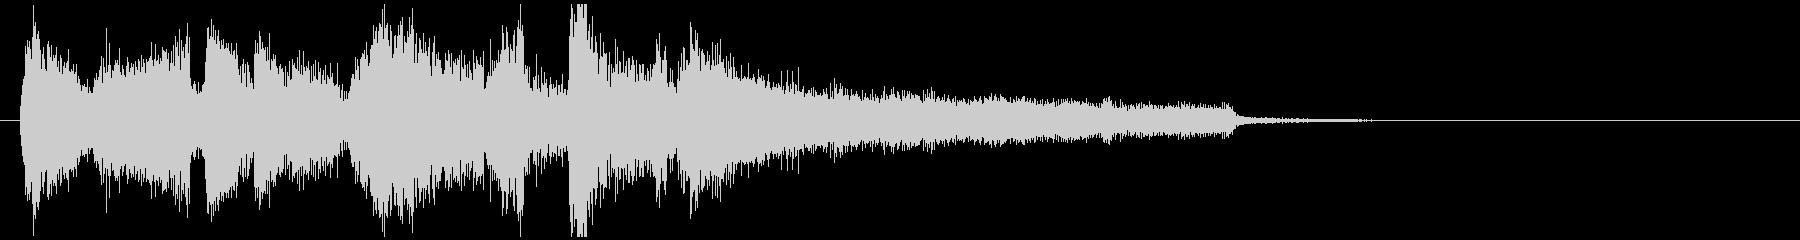 ジャズのアイキャッチ、気持ち良いスイングの未再生の波形